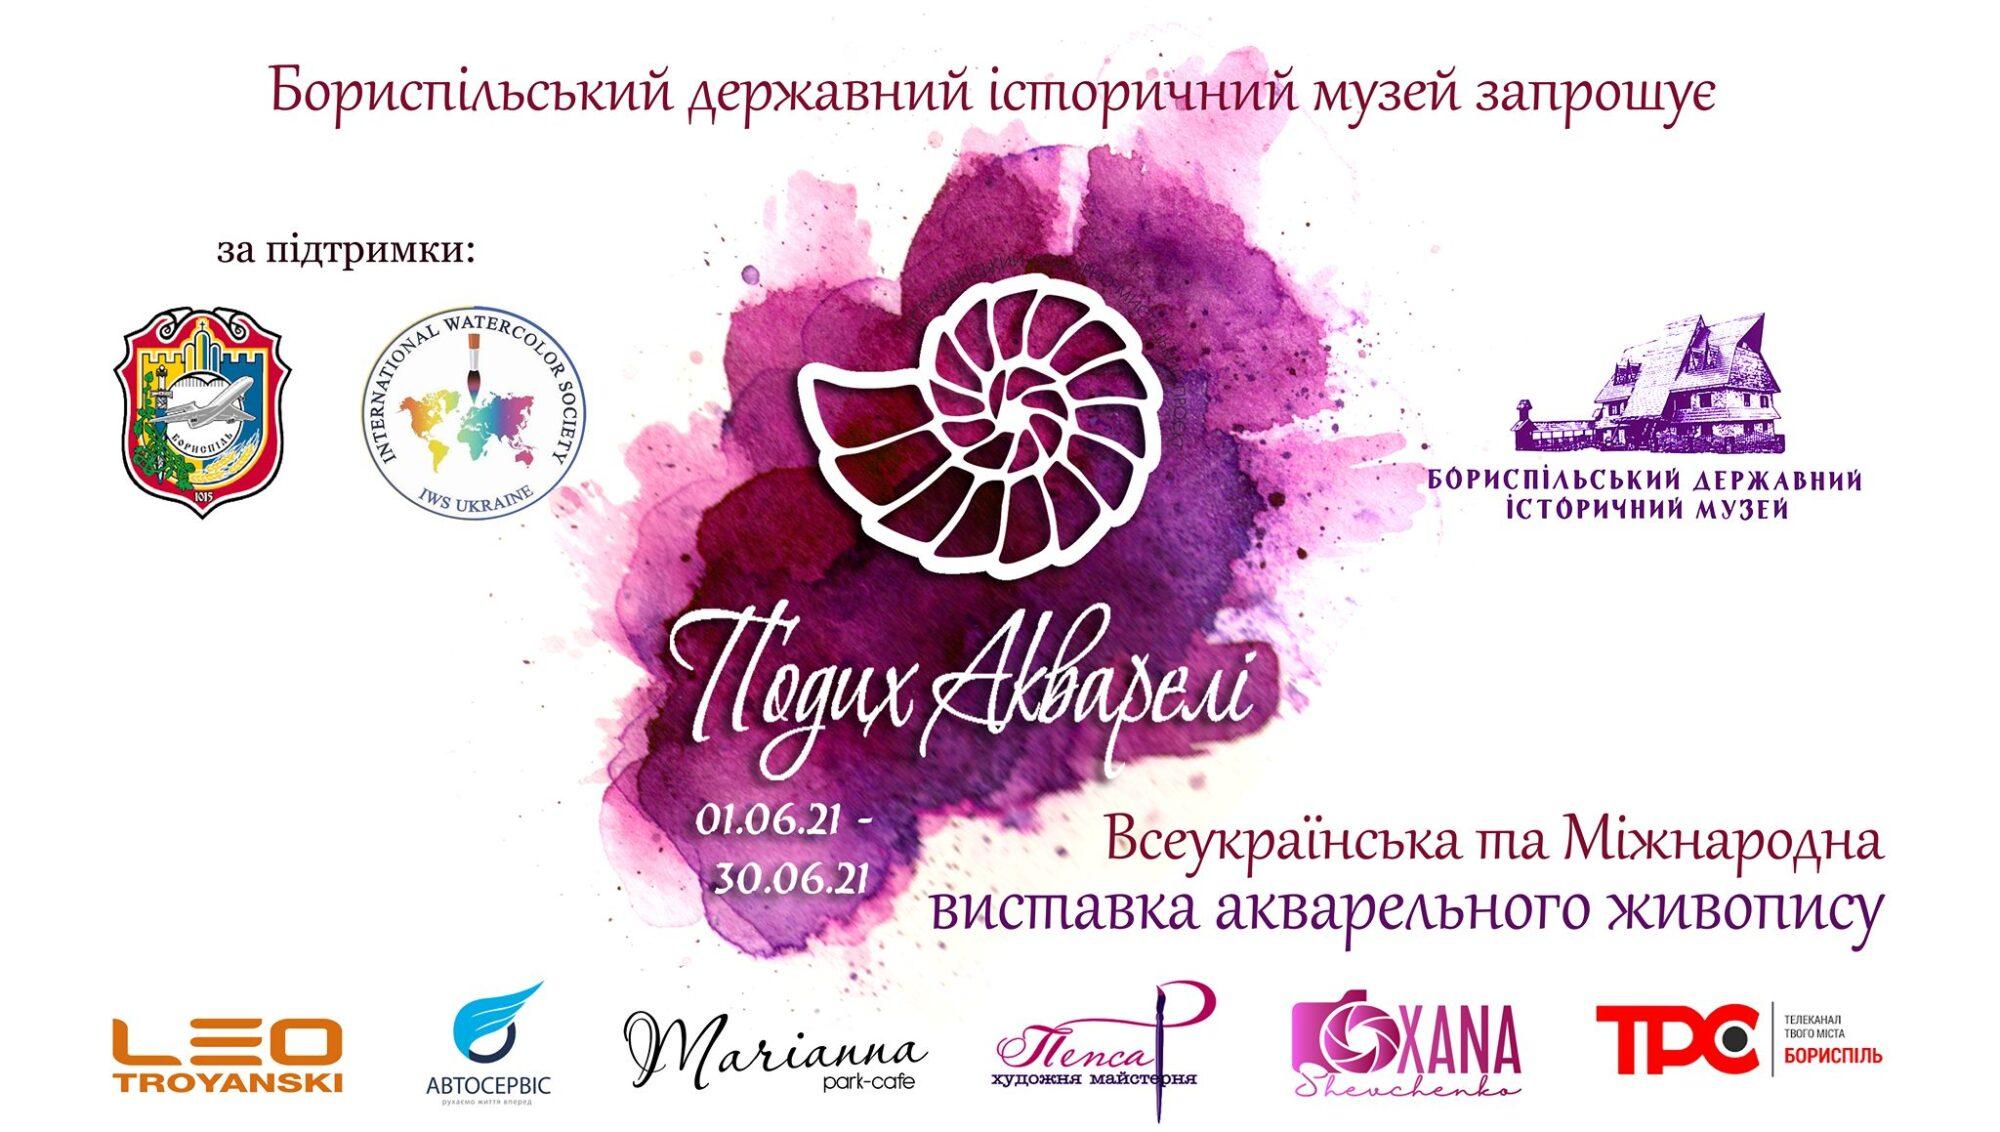 У Борисполі відбудеться Міжнародна виставка «Подих акварелі 2021» - Виставка картин, акварелі - 145841755 437692810993320 4370376784131426694 o 2000x1132